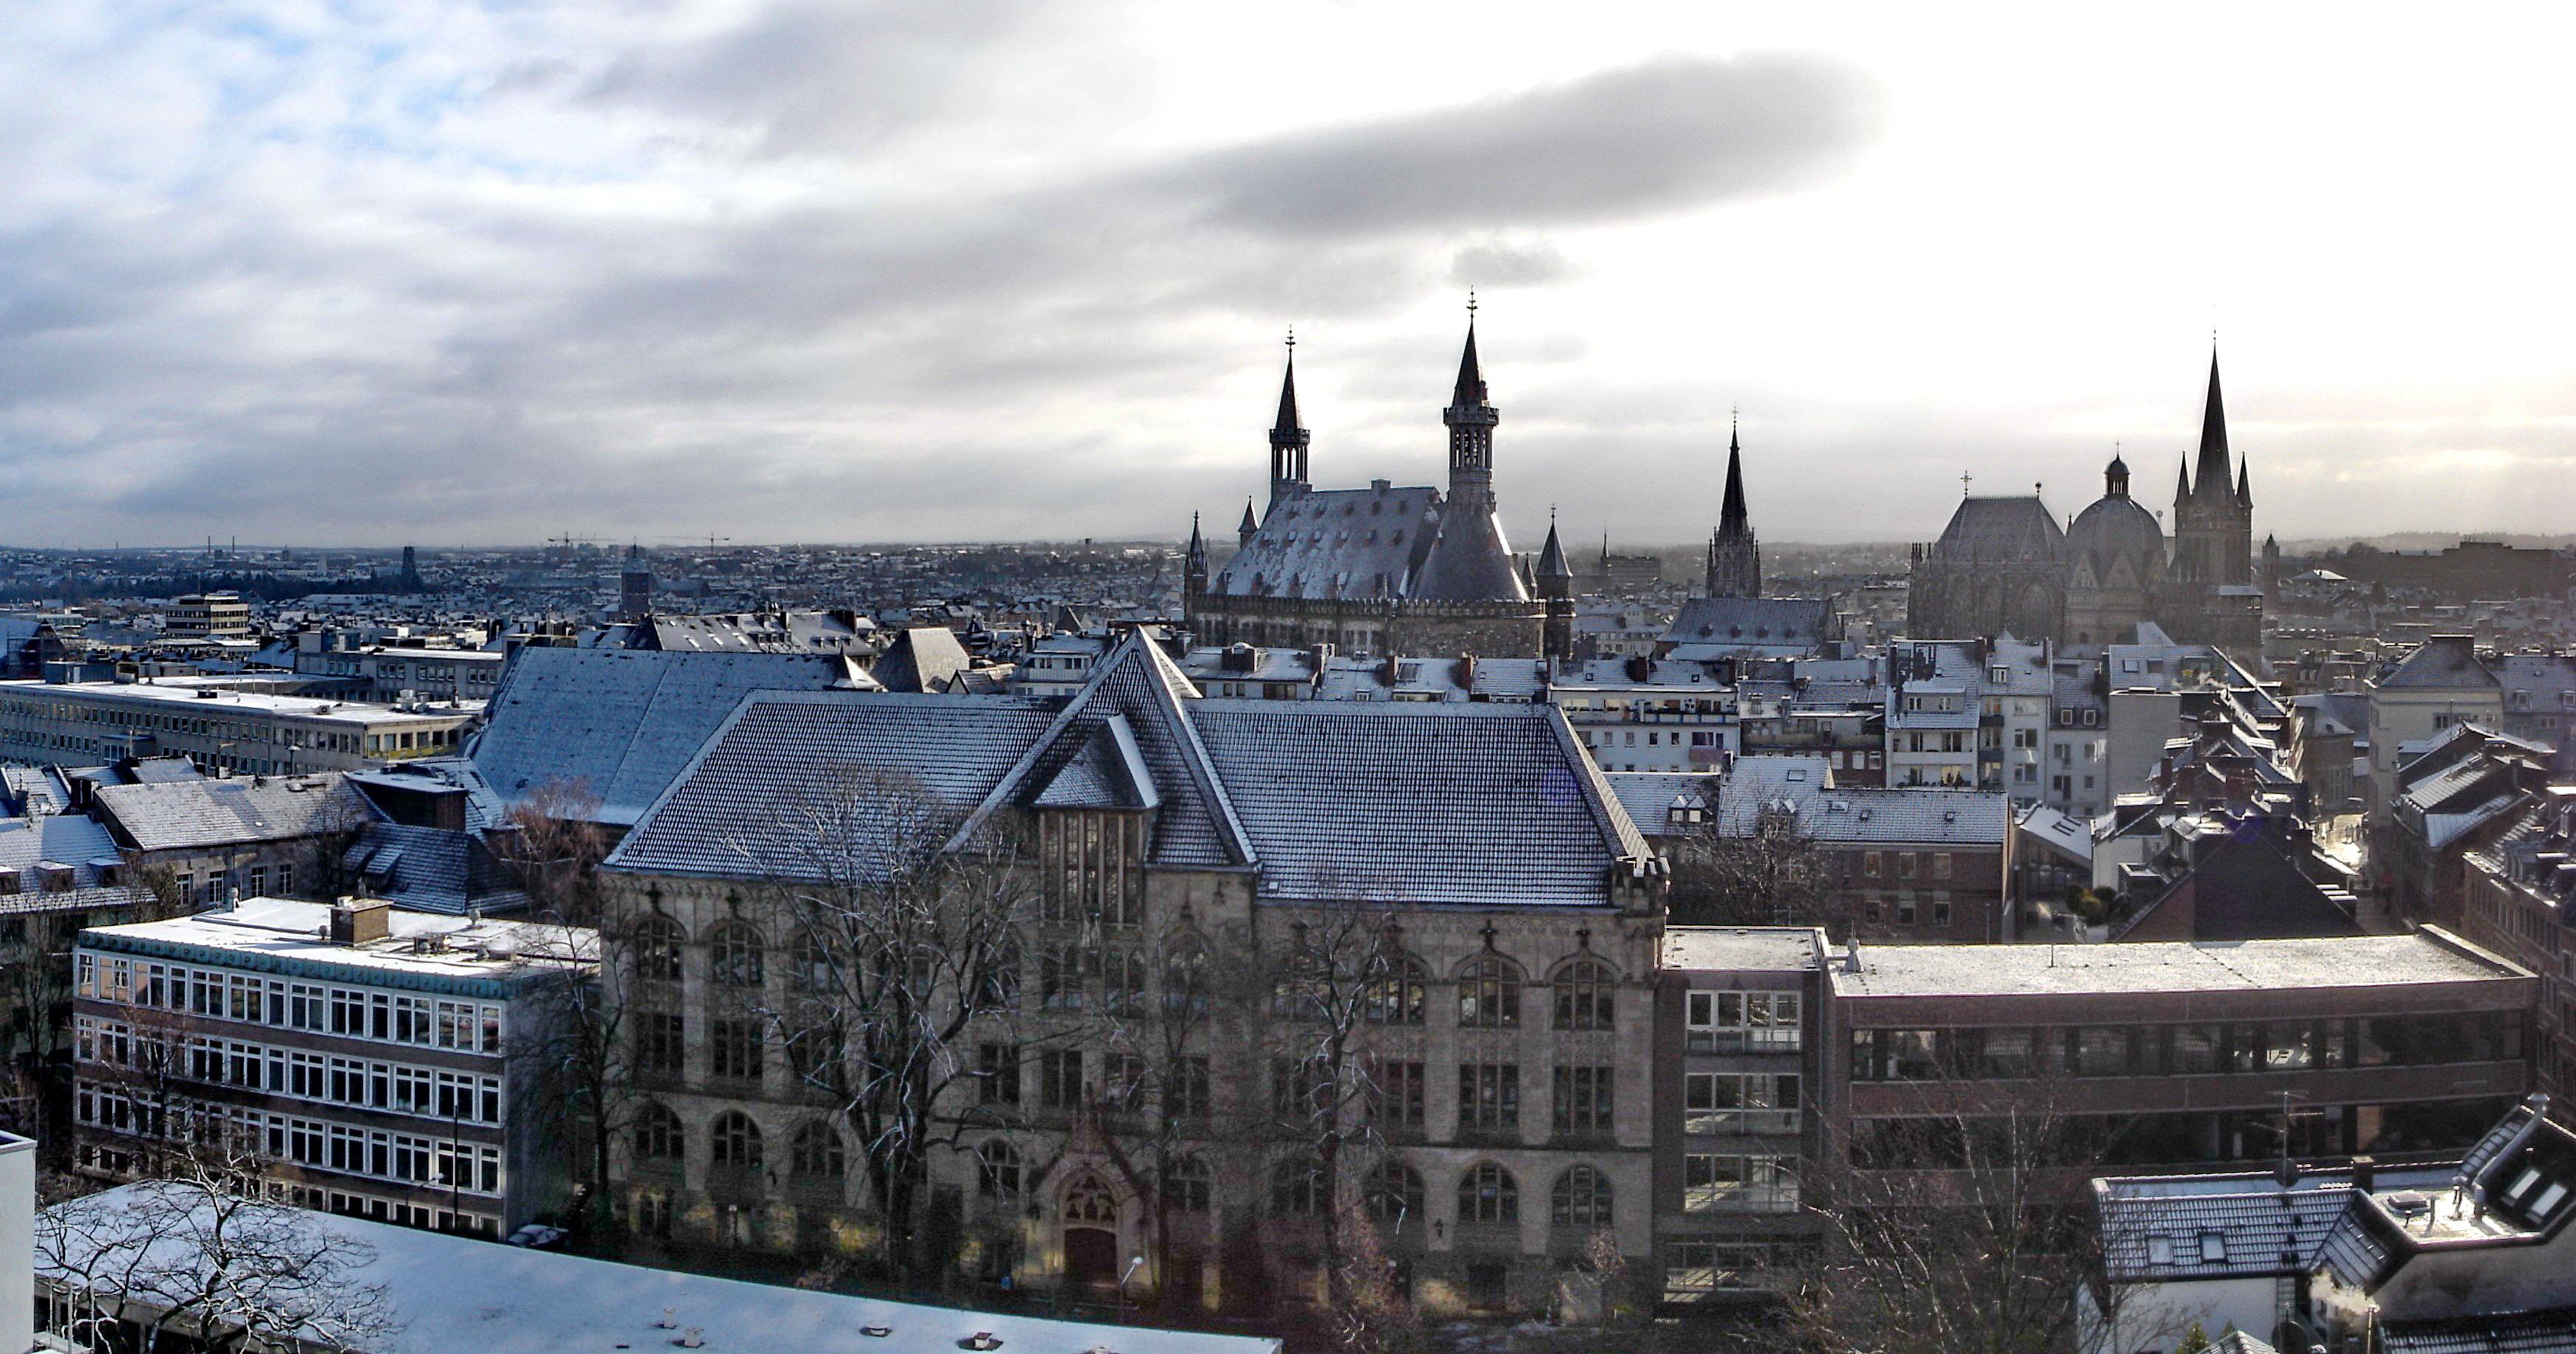 Aachen - Wikipedia